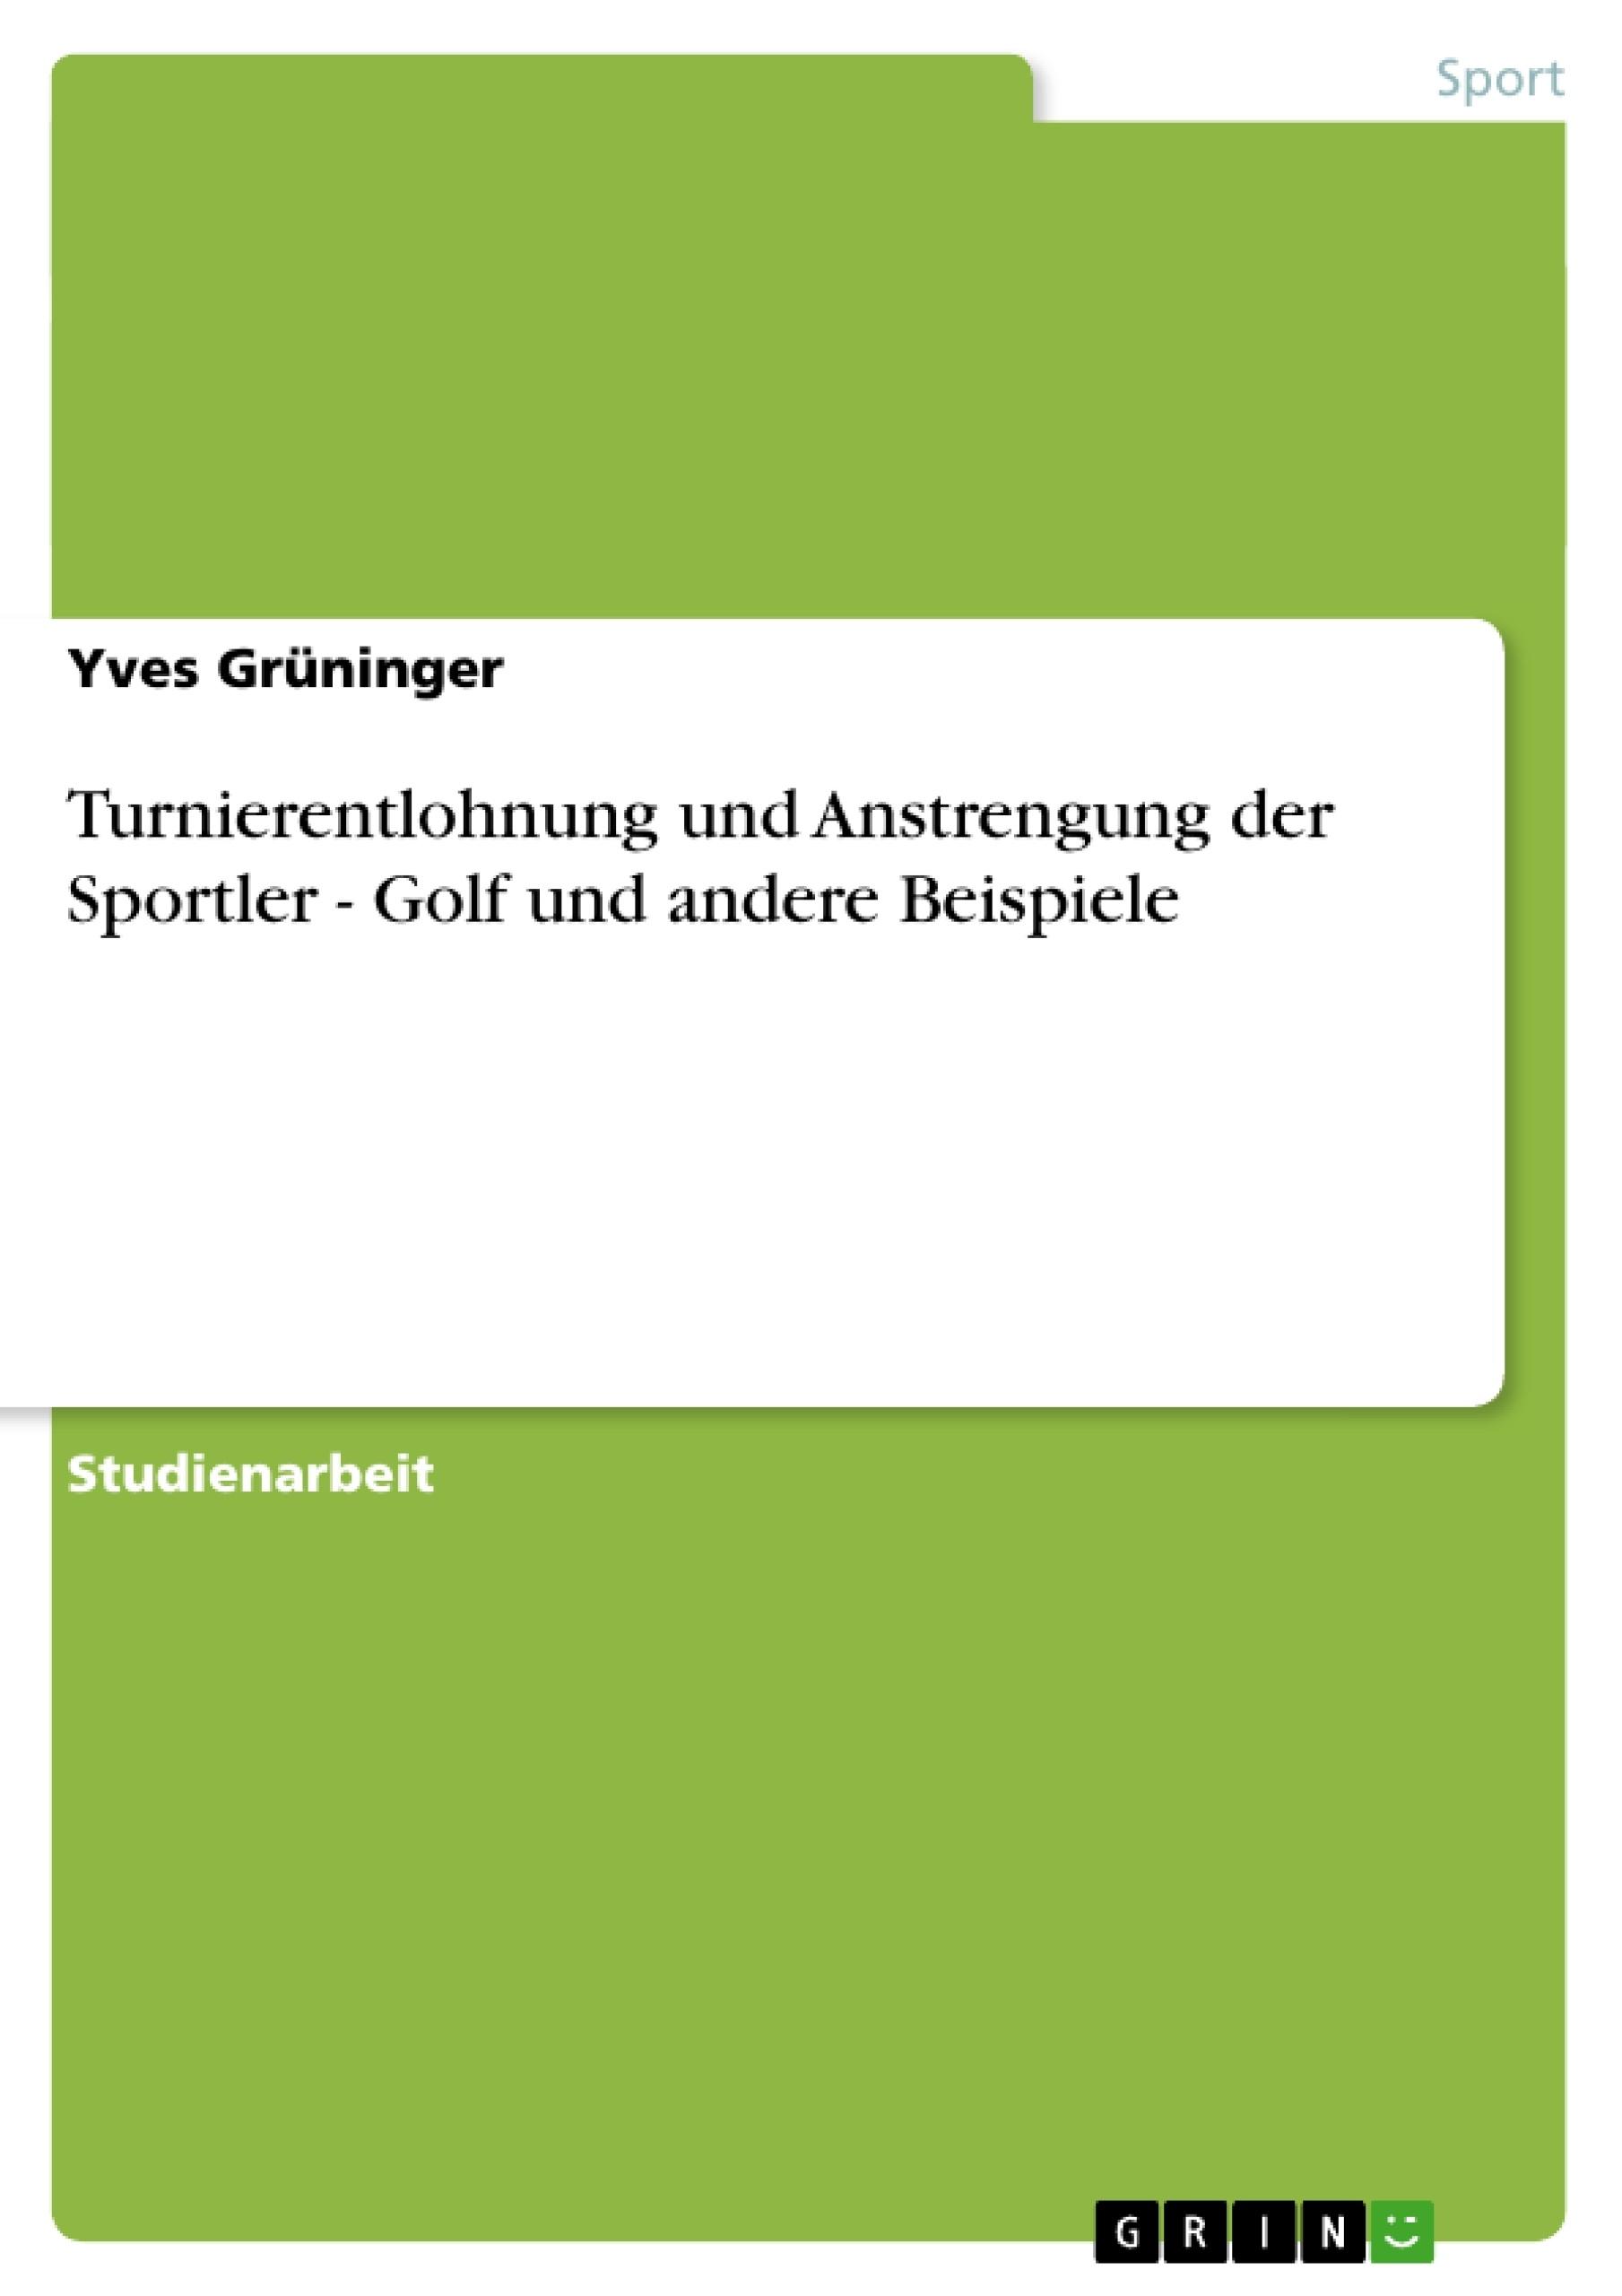 Titel: Turnierentlohnung und Anstrengung der Sportler - Golf und andere Beispiele